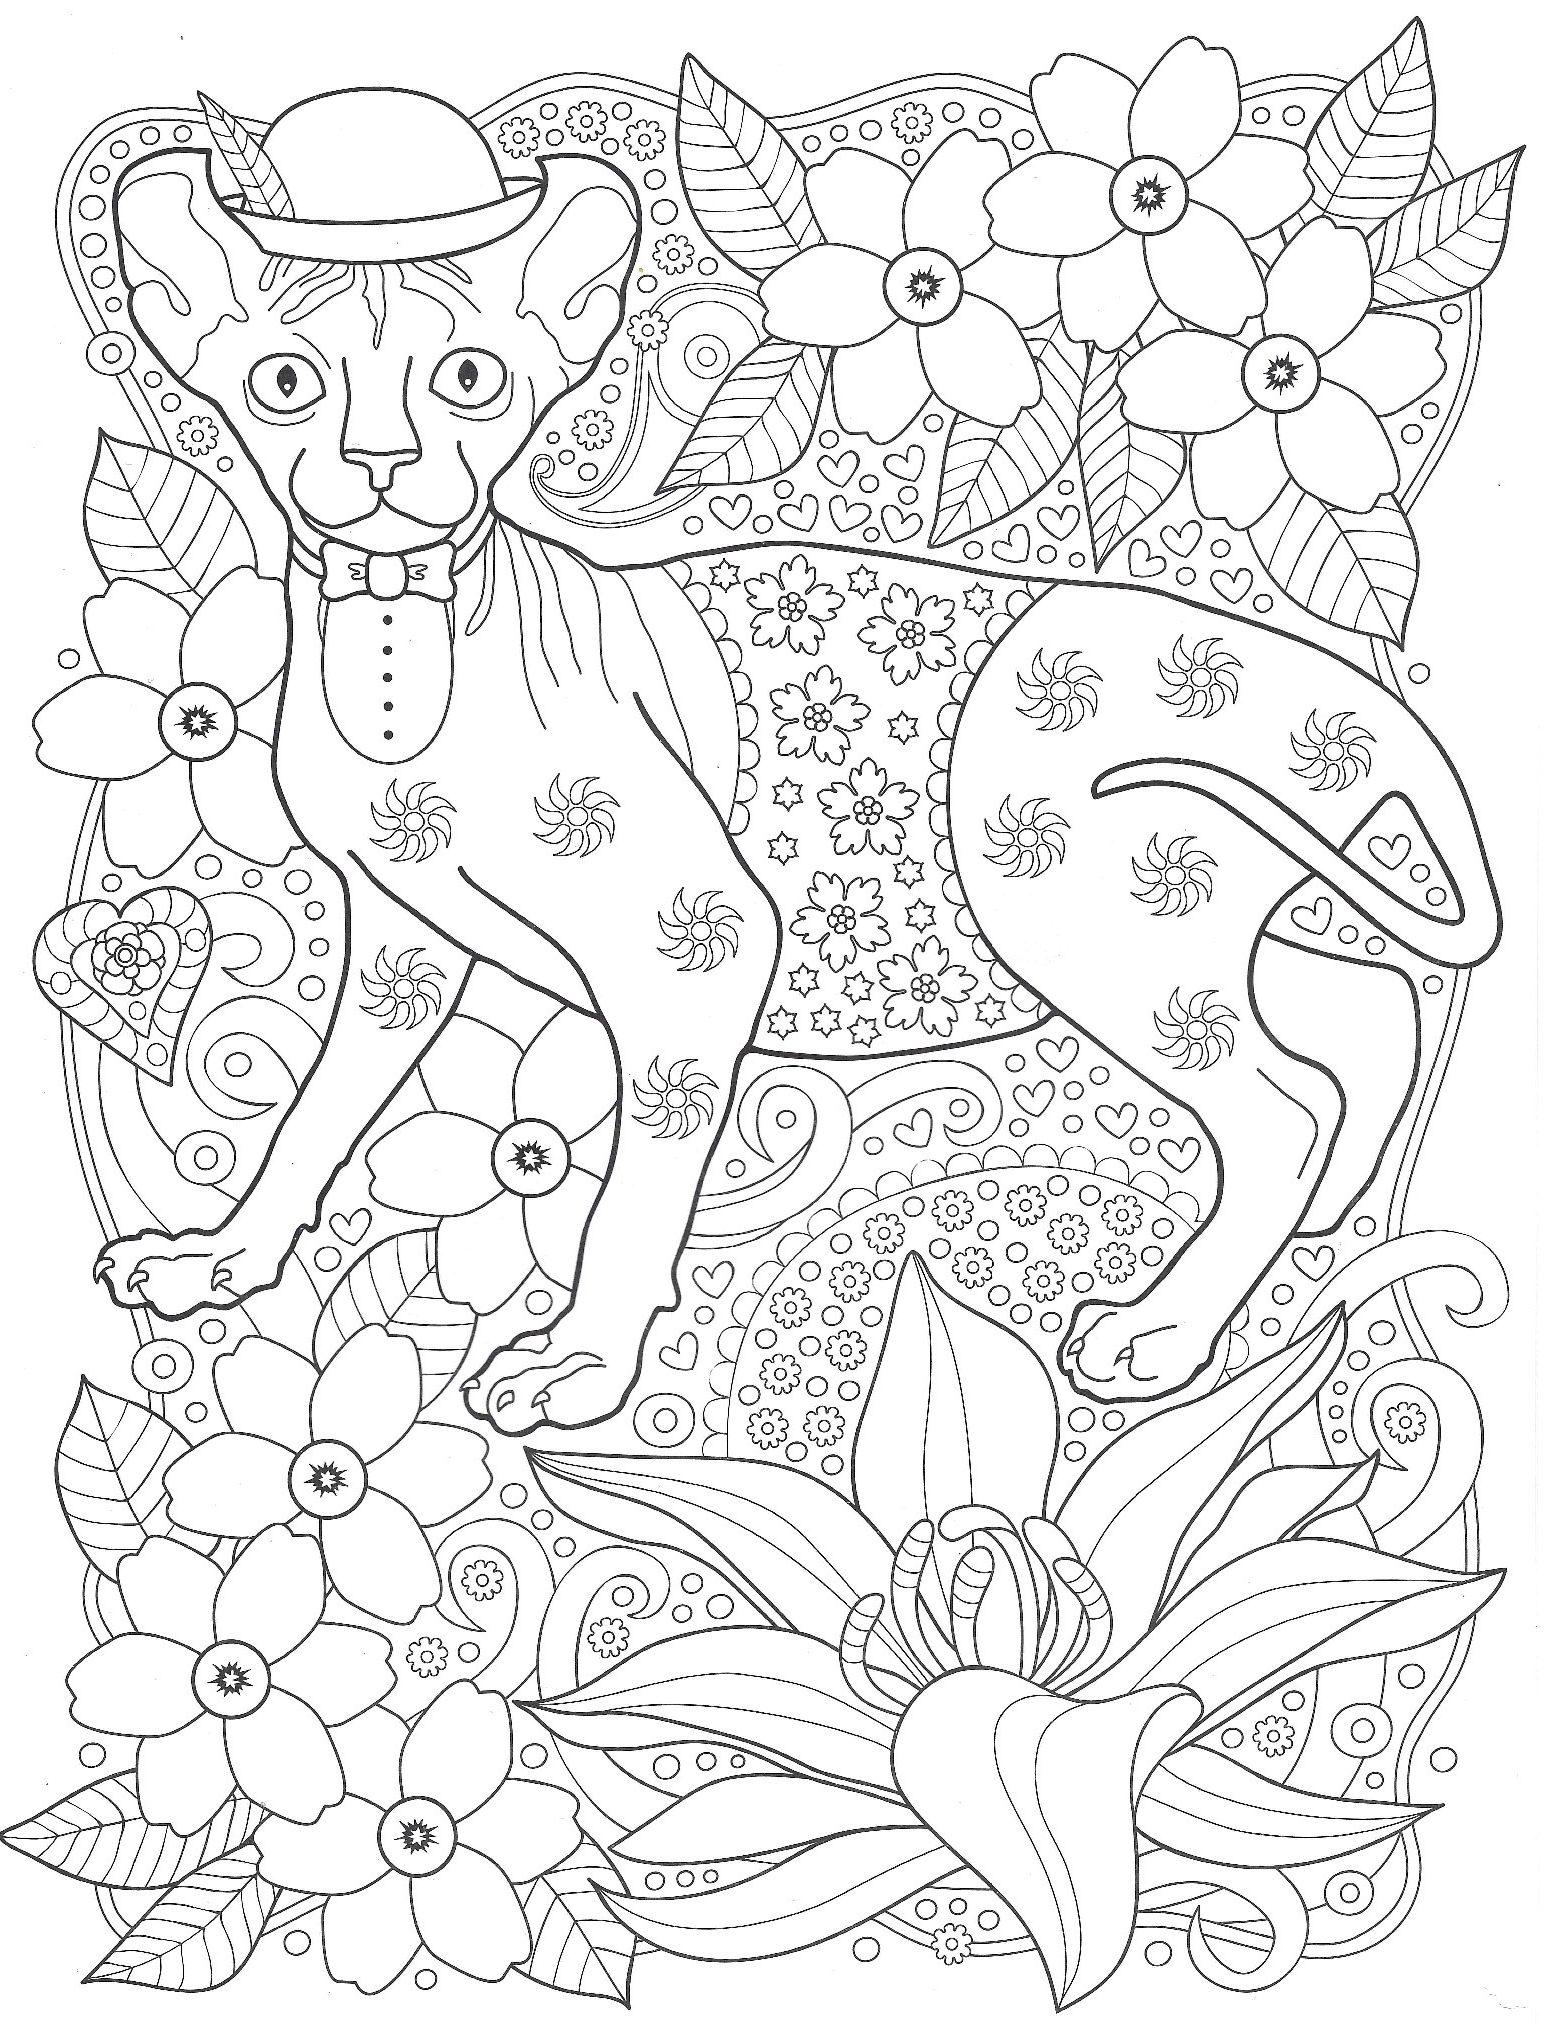 Раскраска Сфинкс в шляпе | Раскраски антистресс Кошки ...